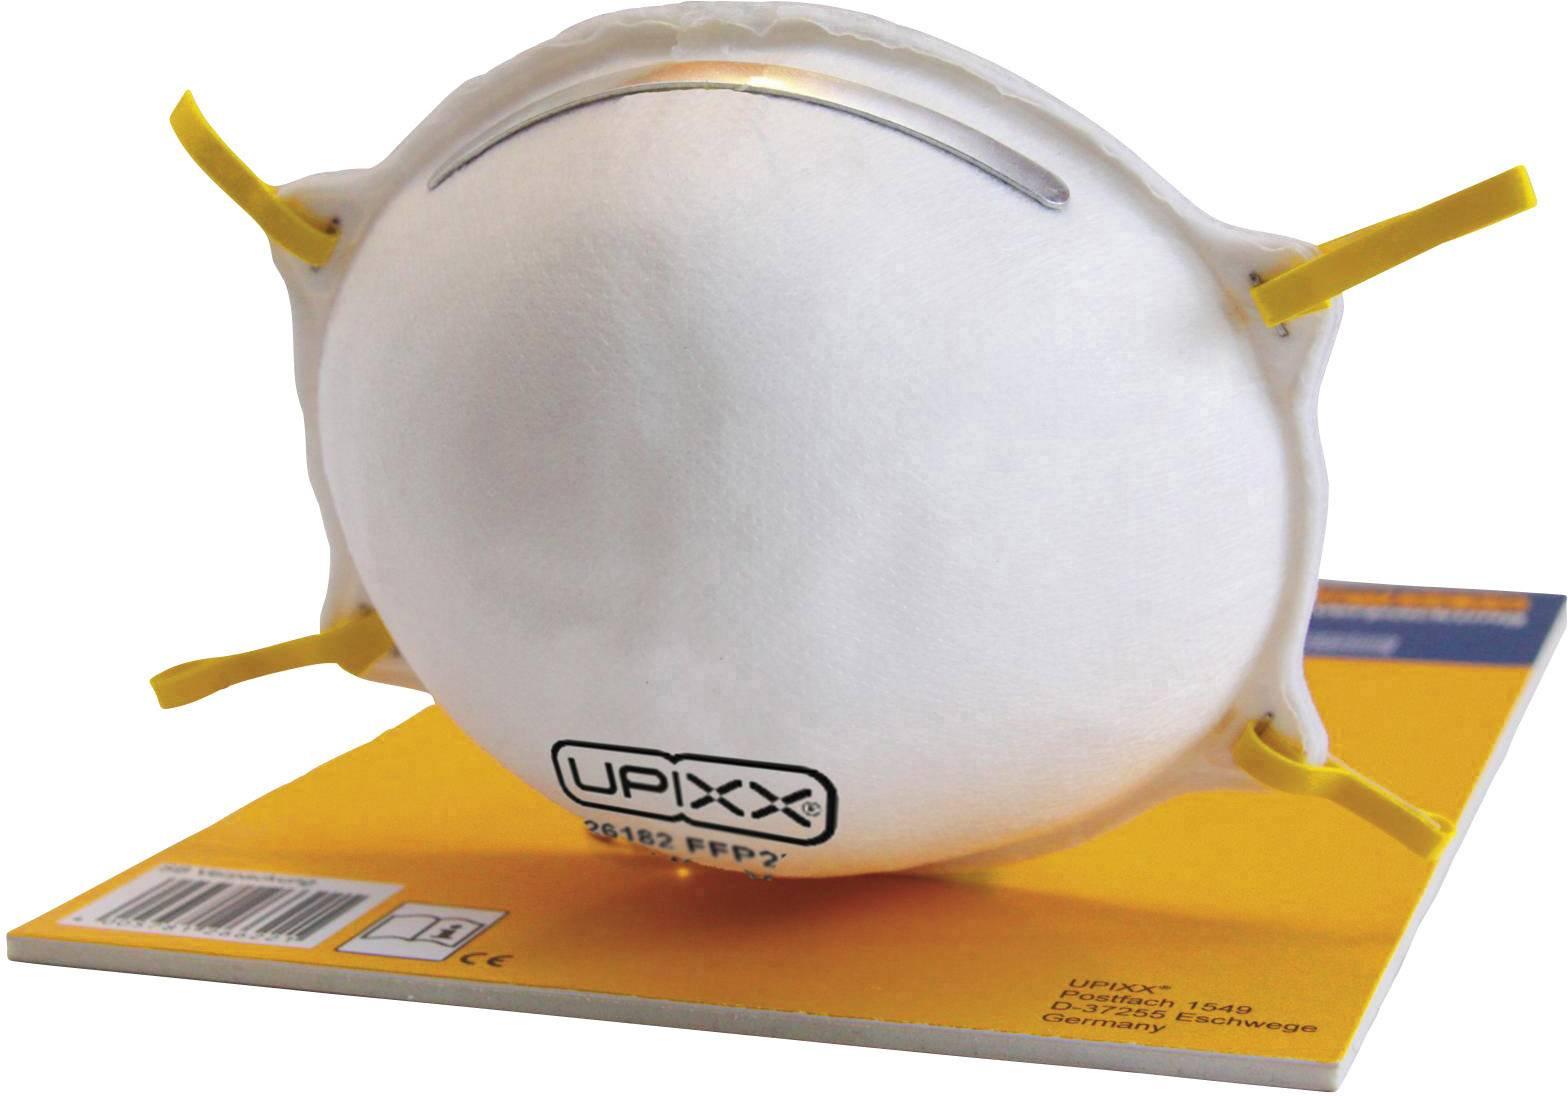 Respirátor proti jemnému prachu Upixx 26093, 1 ks